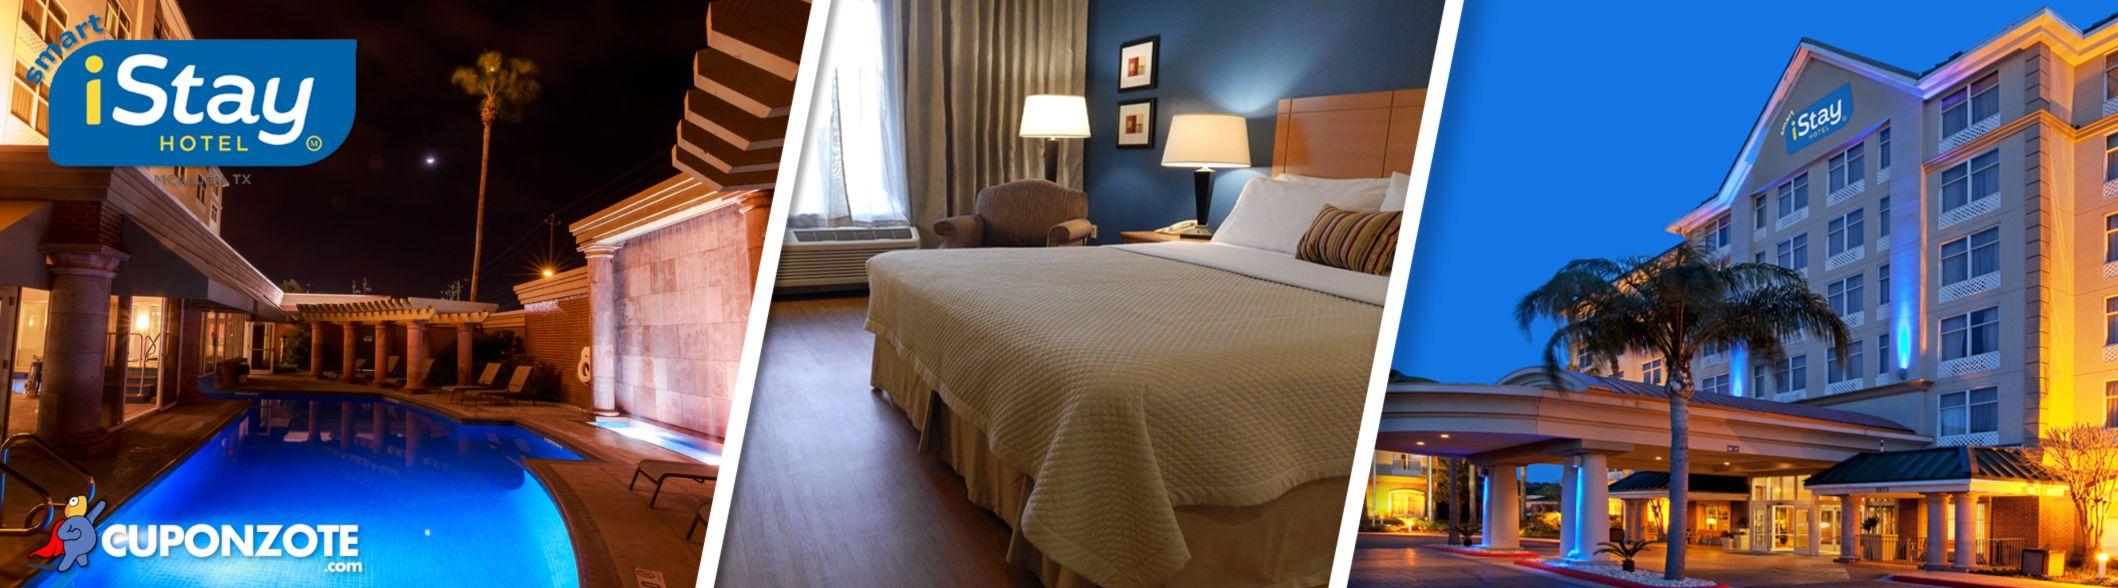 Disfruta de tu estancia en Smart iStay Hotel McAllen con desayuno incluido + Transportación (con acceso a alberca techada o al aire libre climatizadas) por $89 USD | Pide tu Cuponzote: http://bit.ly/1HVR08t | Reservaciones/Informes: 01800 0047 829